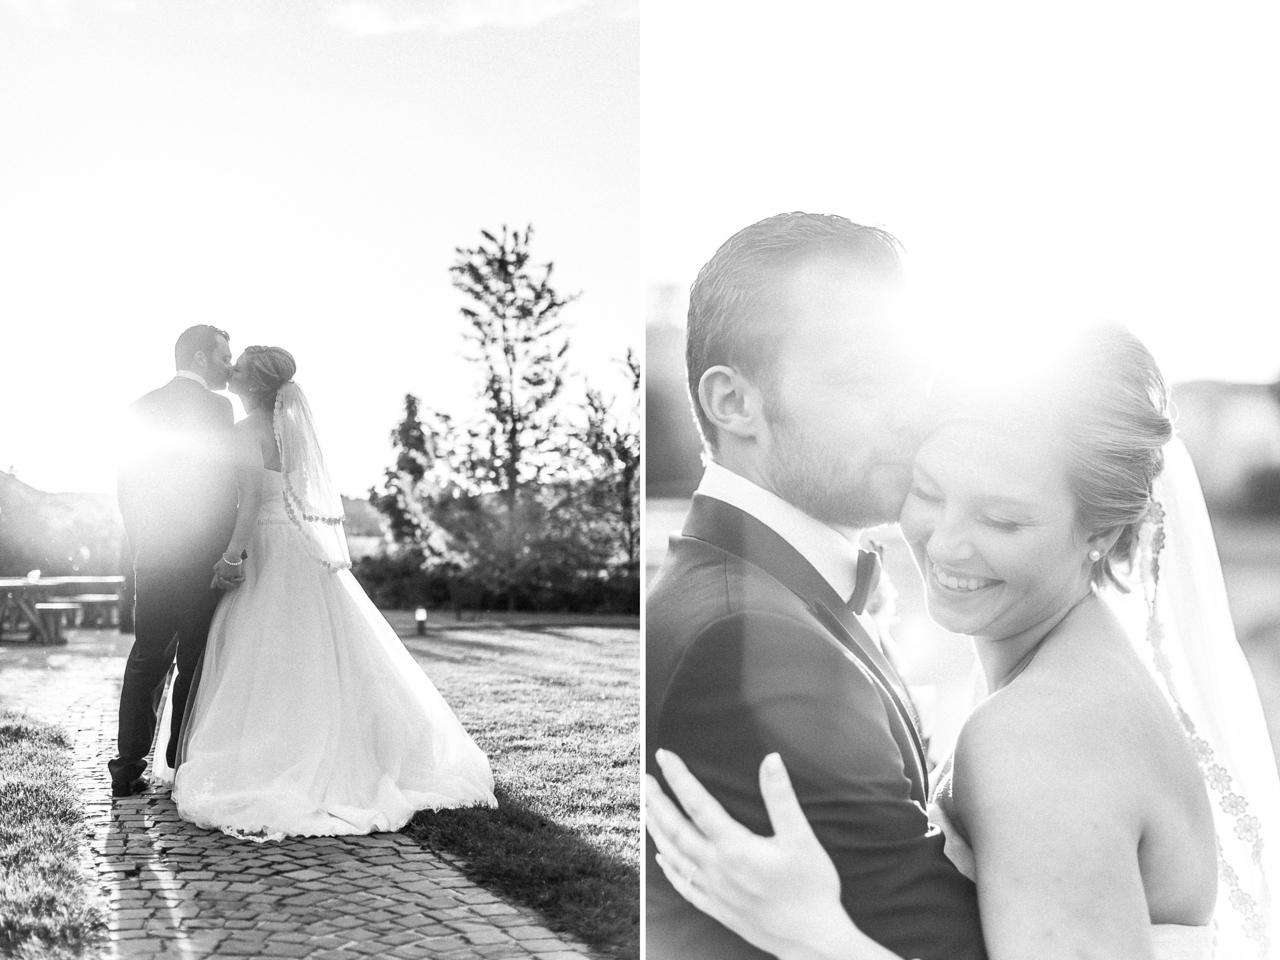 Hochzeit Eventscheune Dagobertshausen - Julia & Florian - Sandra Socha Fotografie - 100